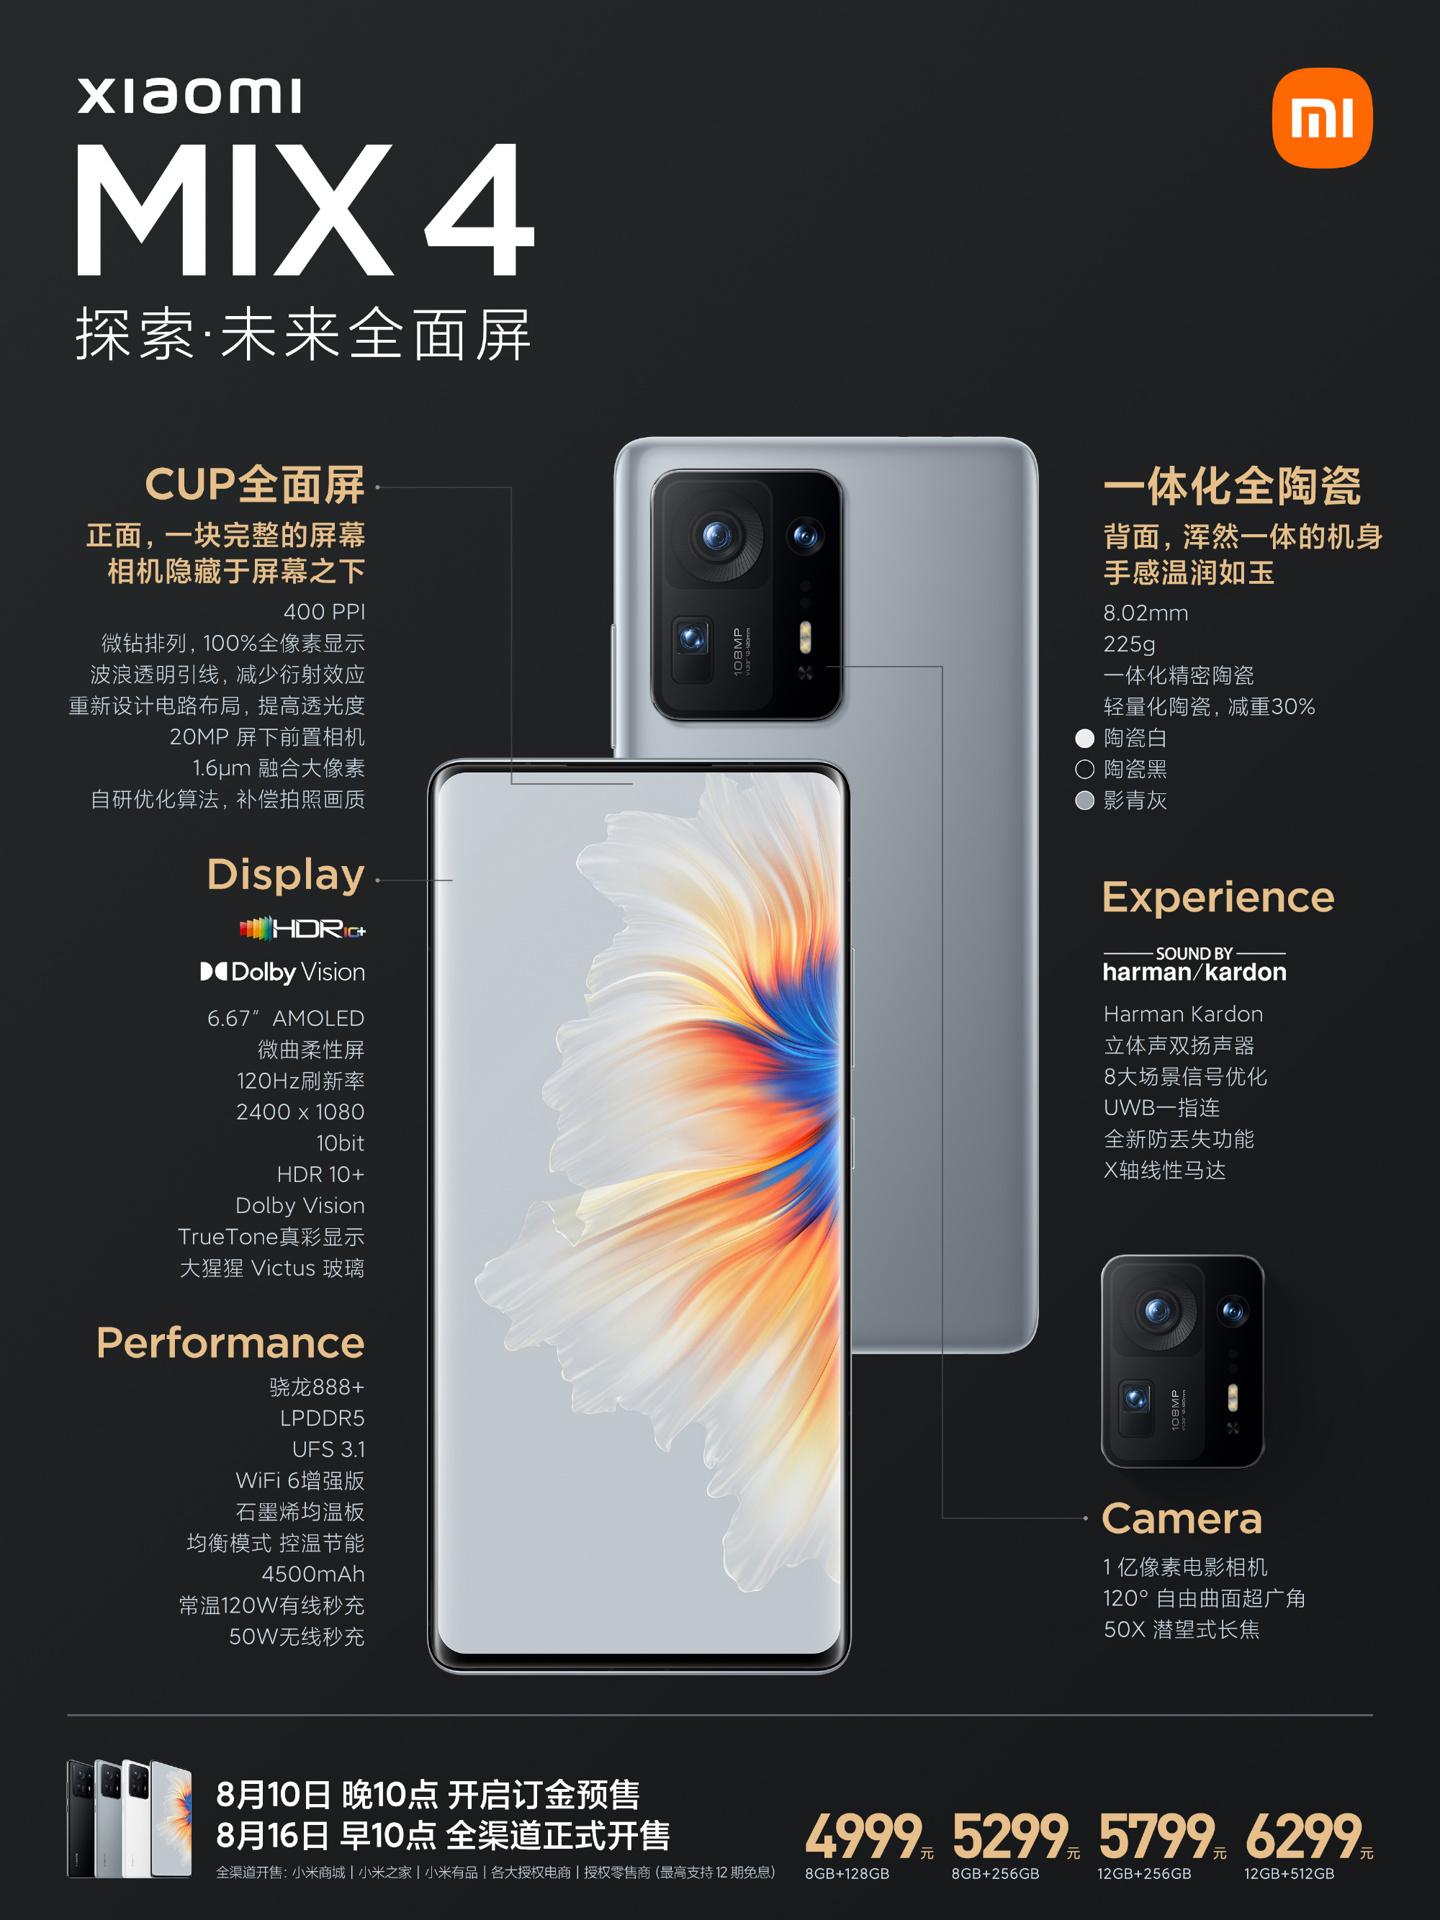 4999 元起,小米 MIX 4 全面屏手机正式发布